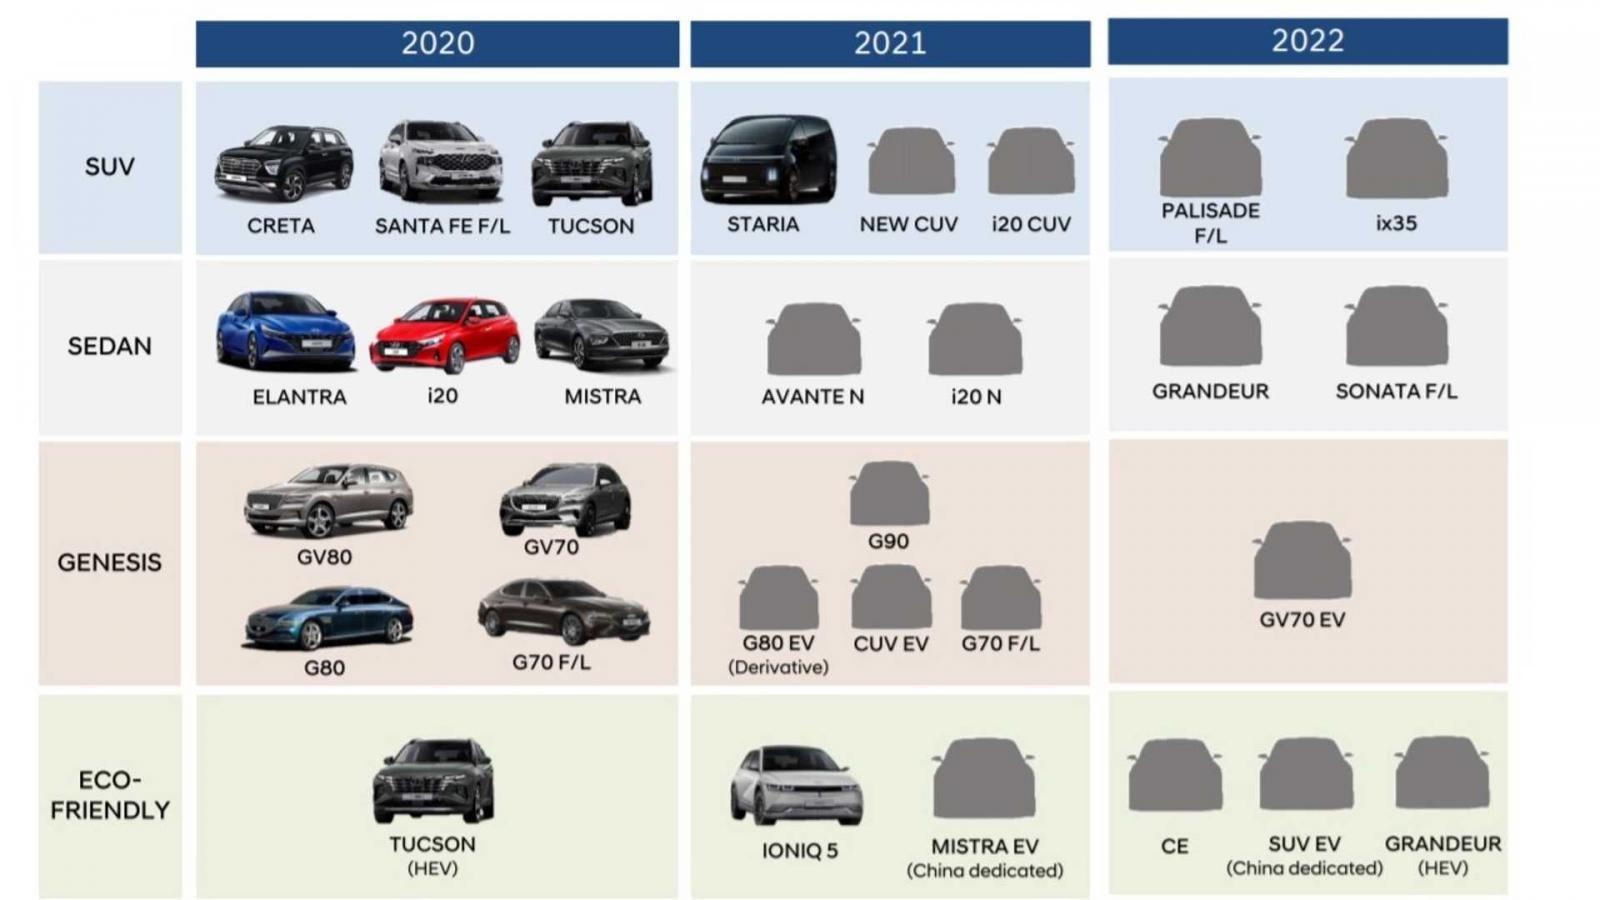 Lộ trình ra mắtxe Hyundai mới còn nhiều bí ẩn.